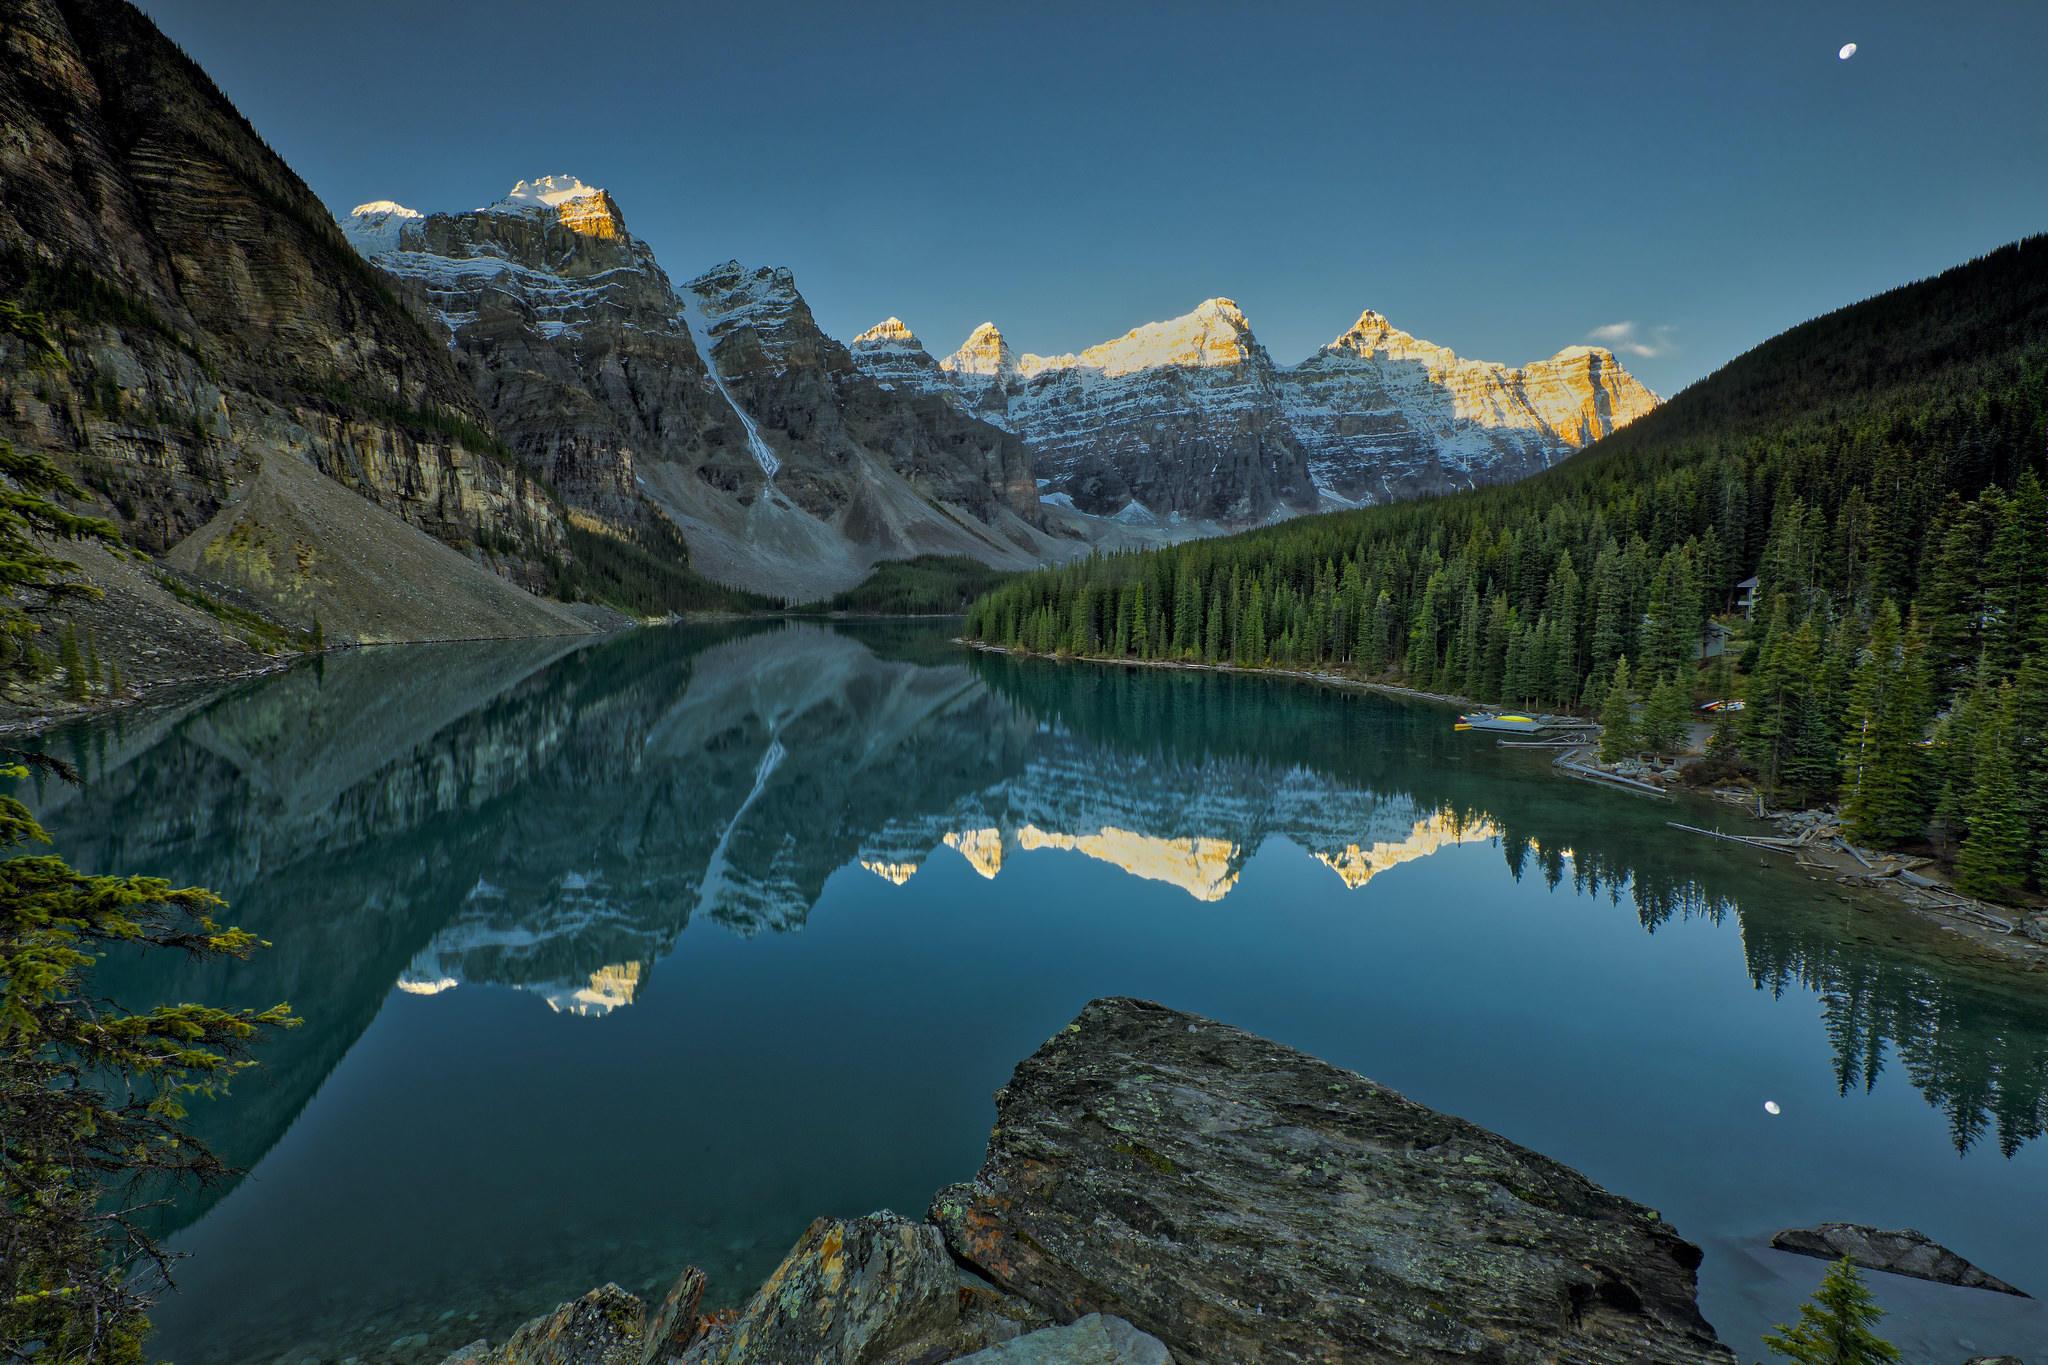 Альберта, Banff, Canada